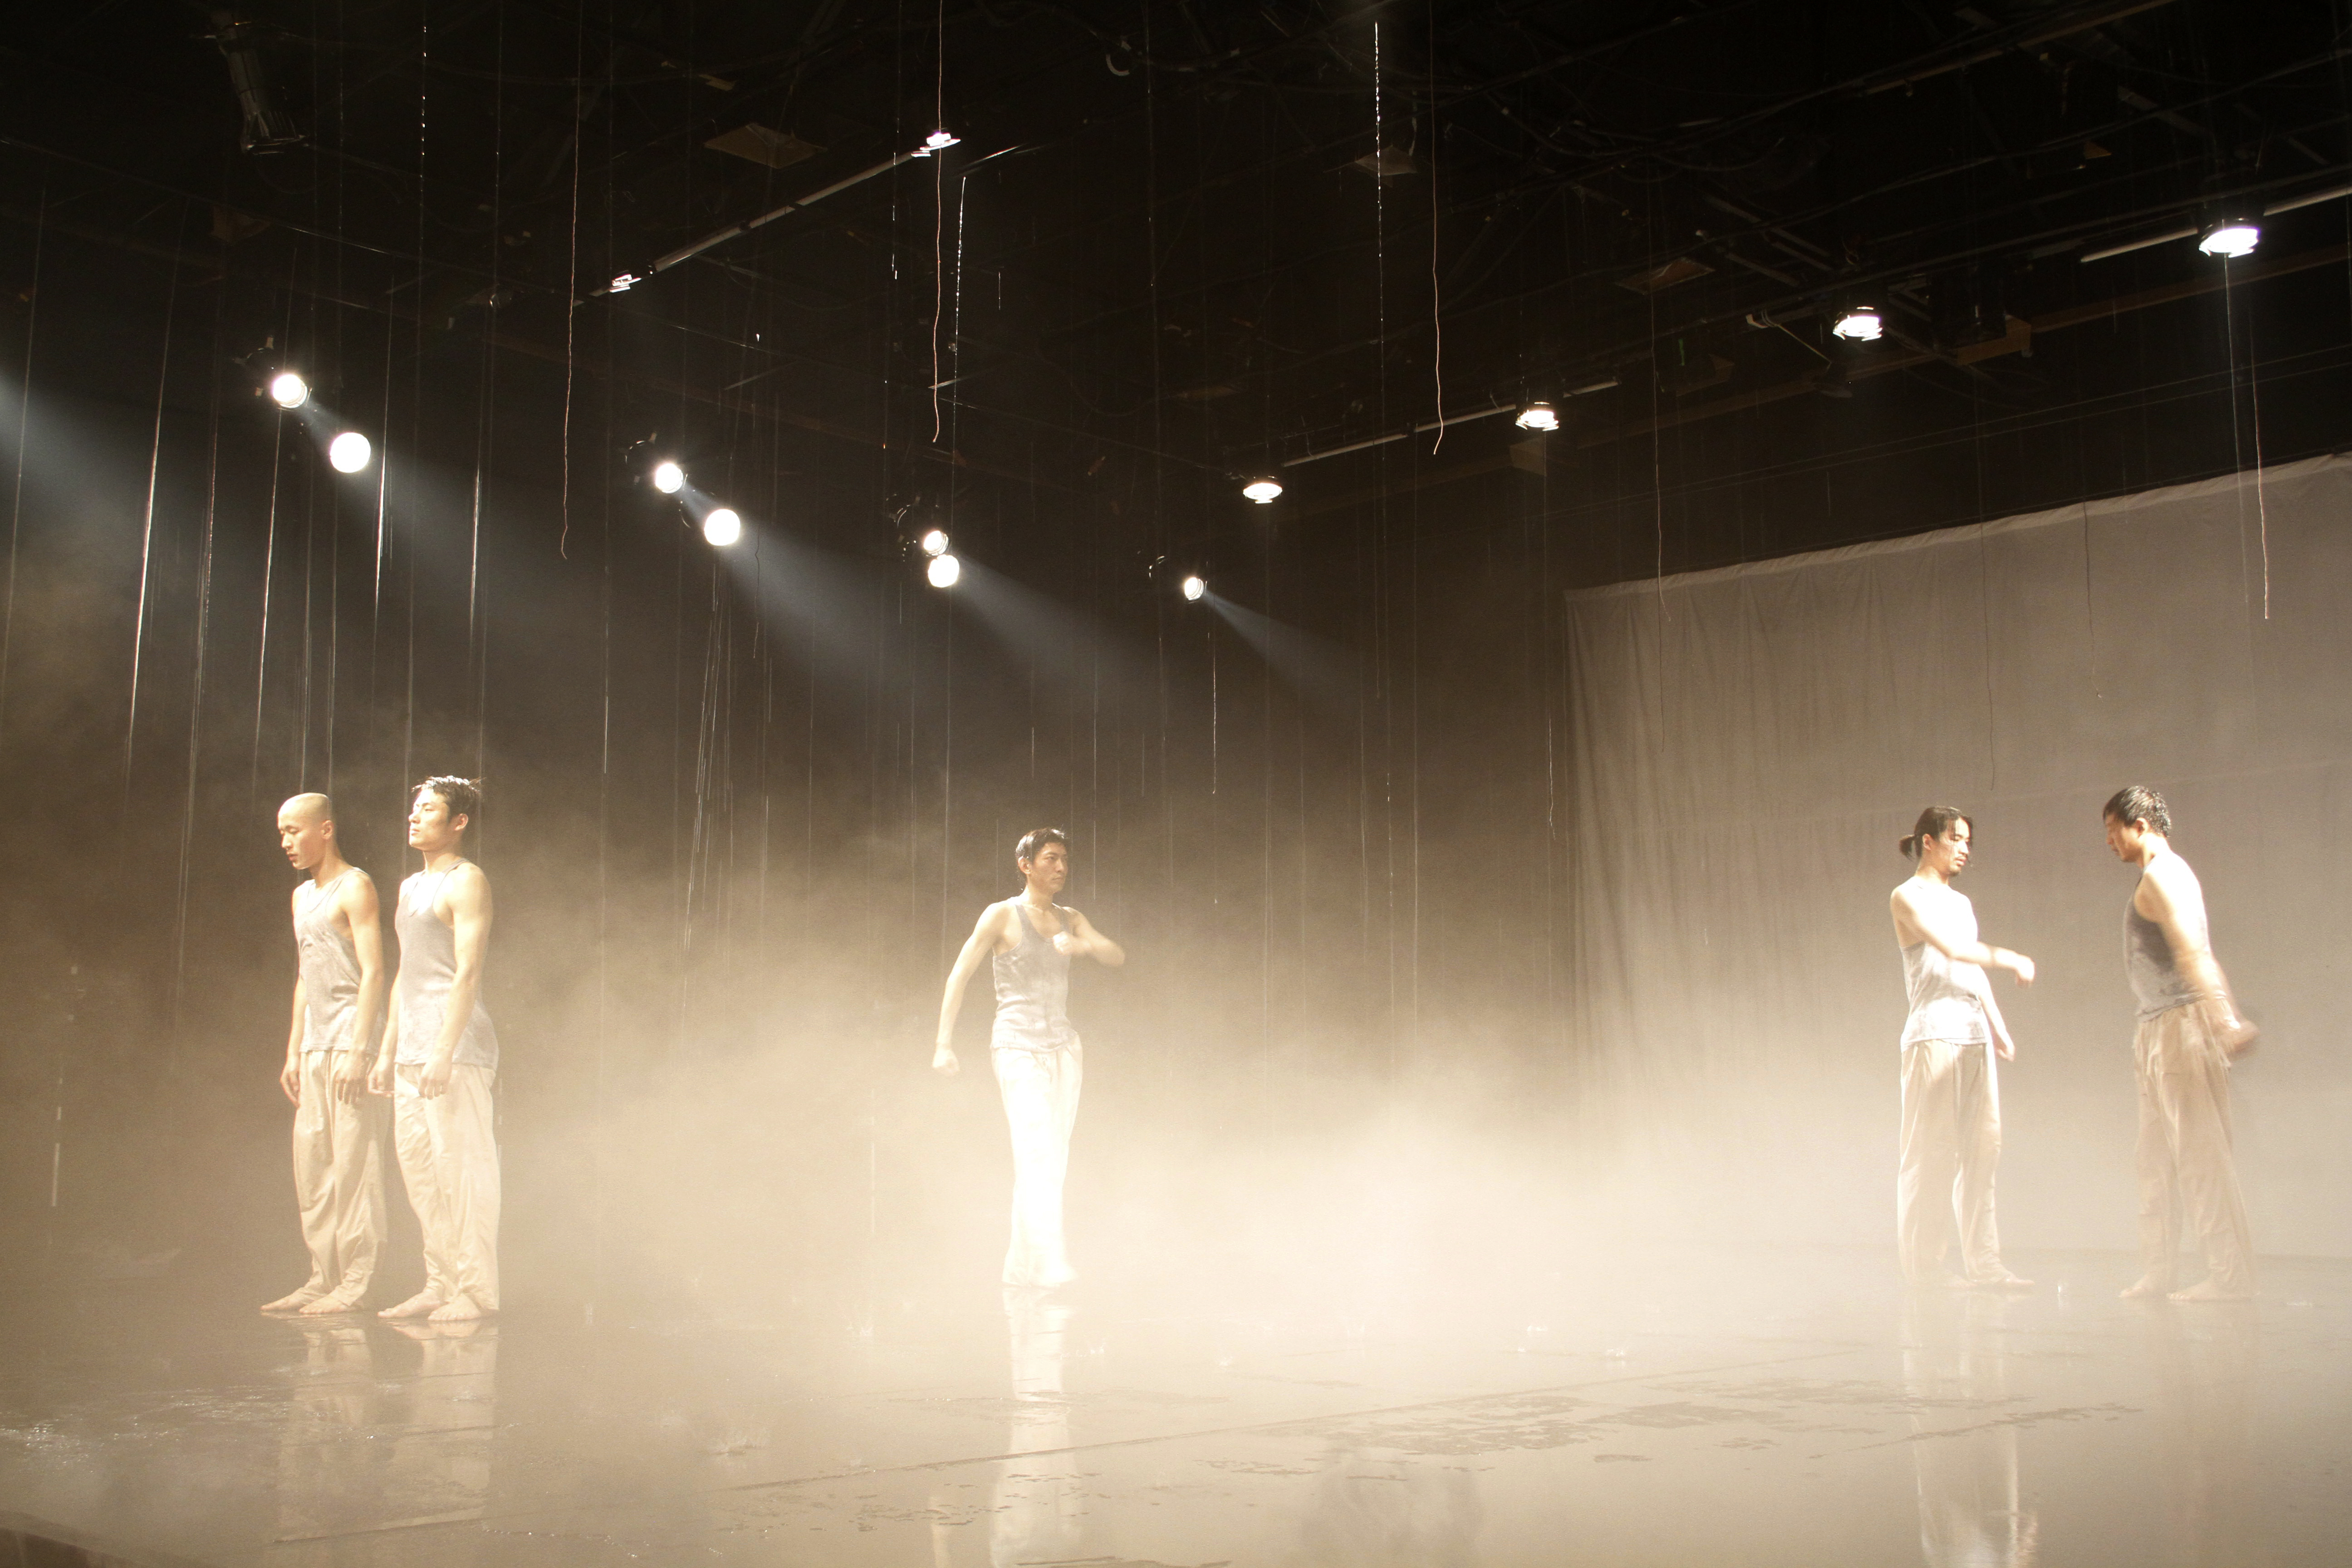 朗诵-雾中站立